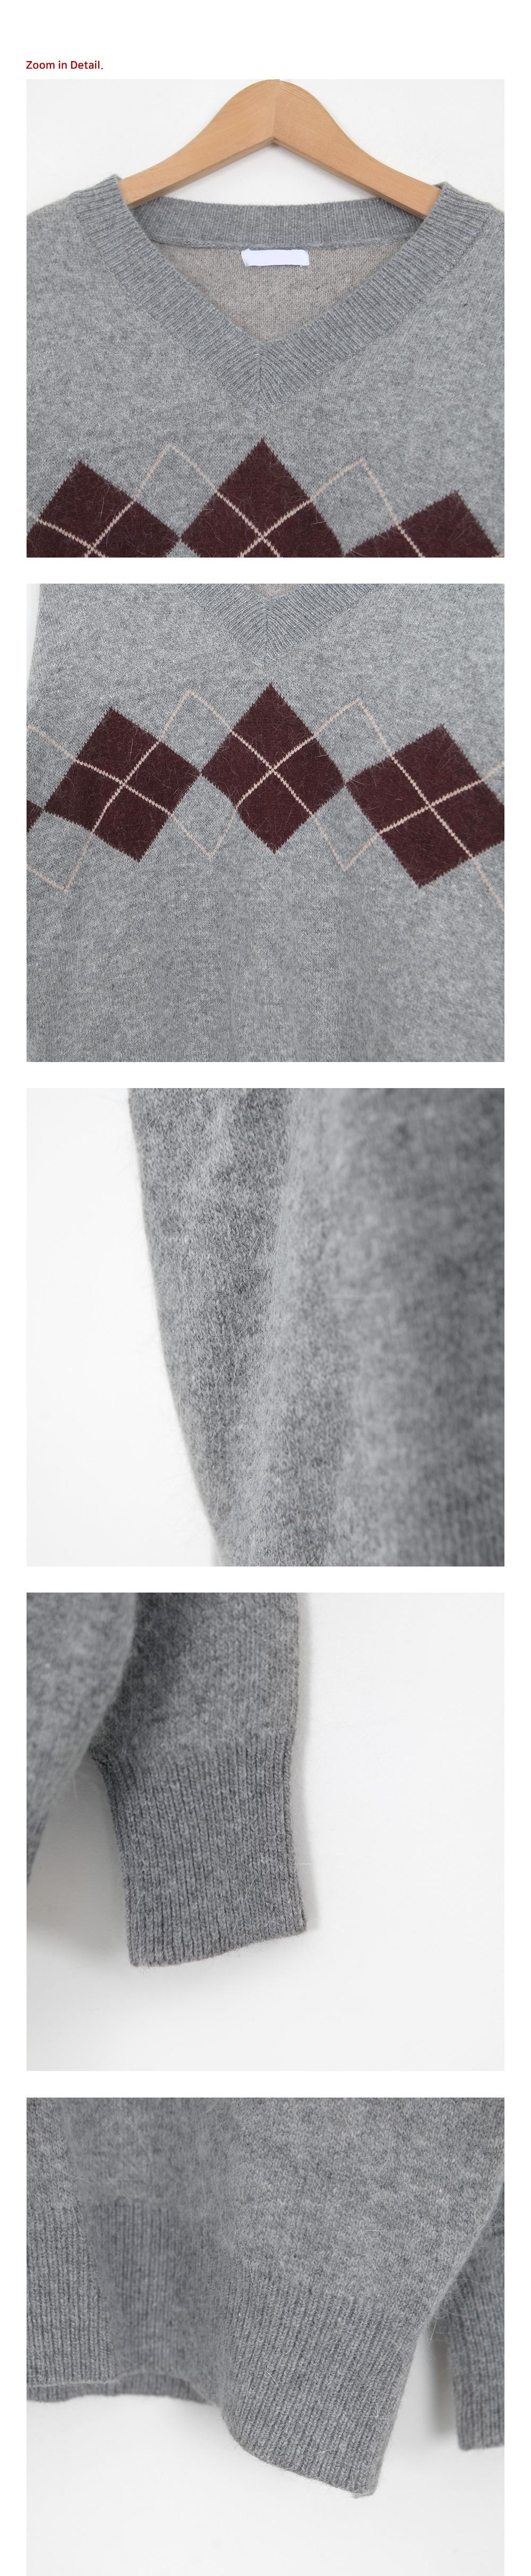 Argyle Check V-neck Knit